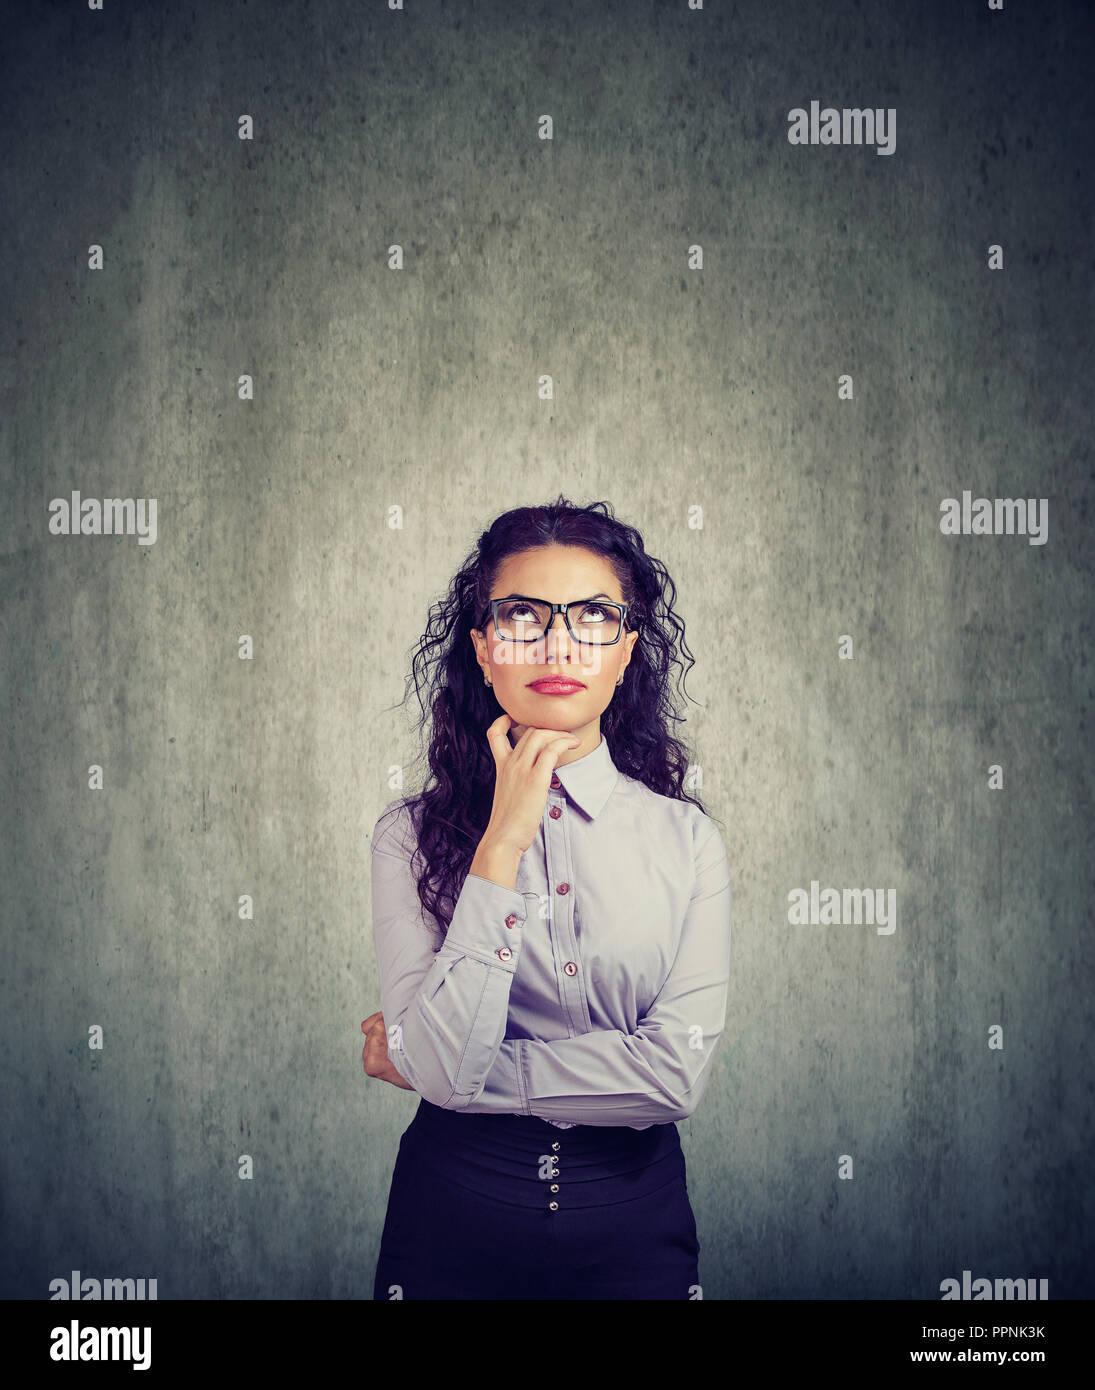 Mujer joven morenita en anteojos mirando hacia arriba en la contemplación sobre fondo gris Imagen De Stock